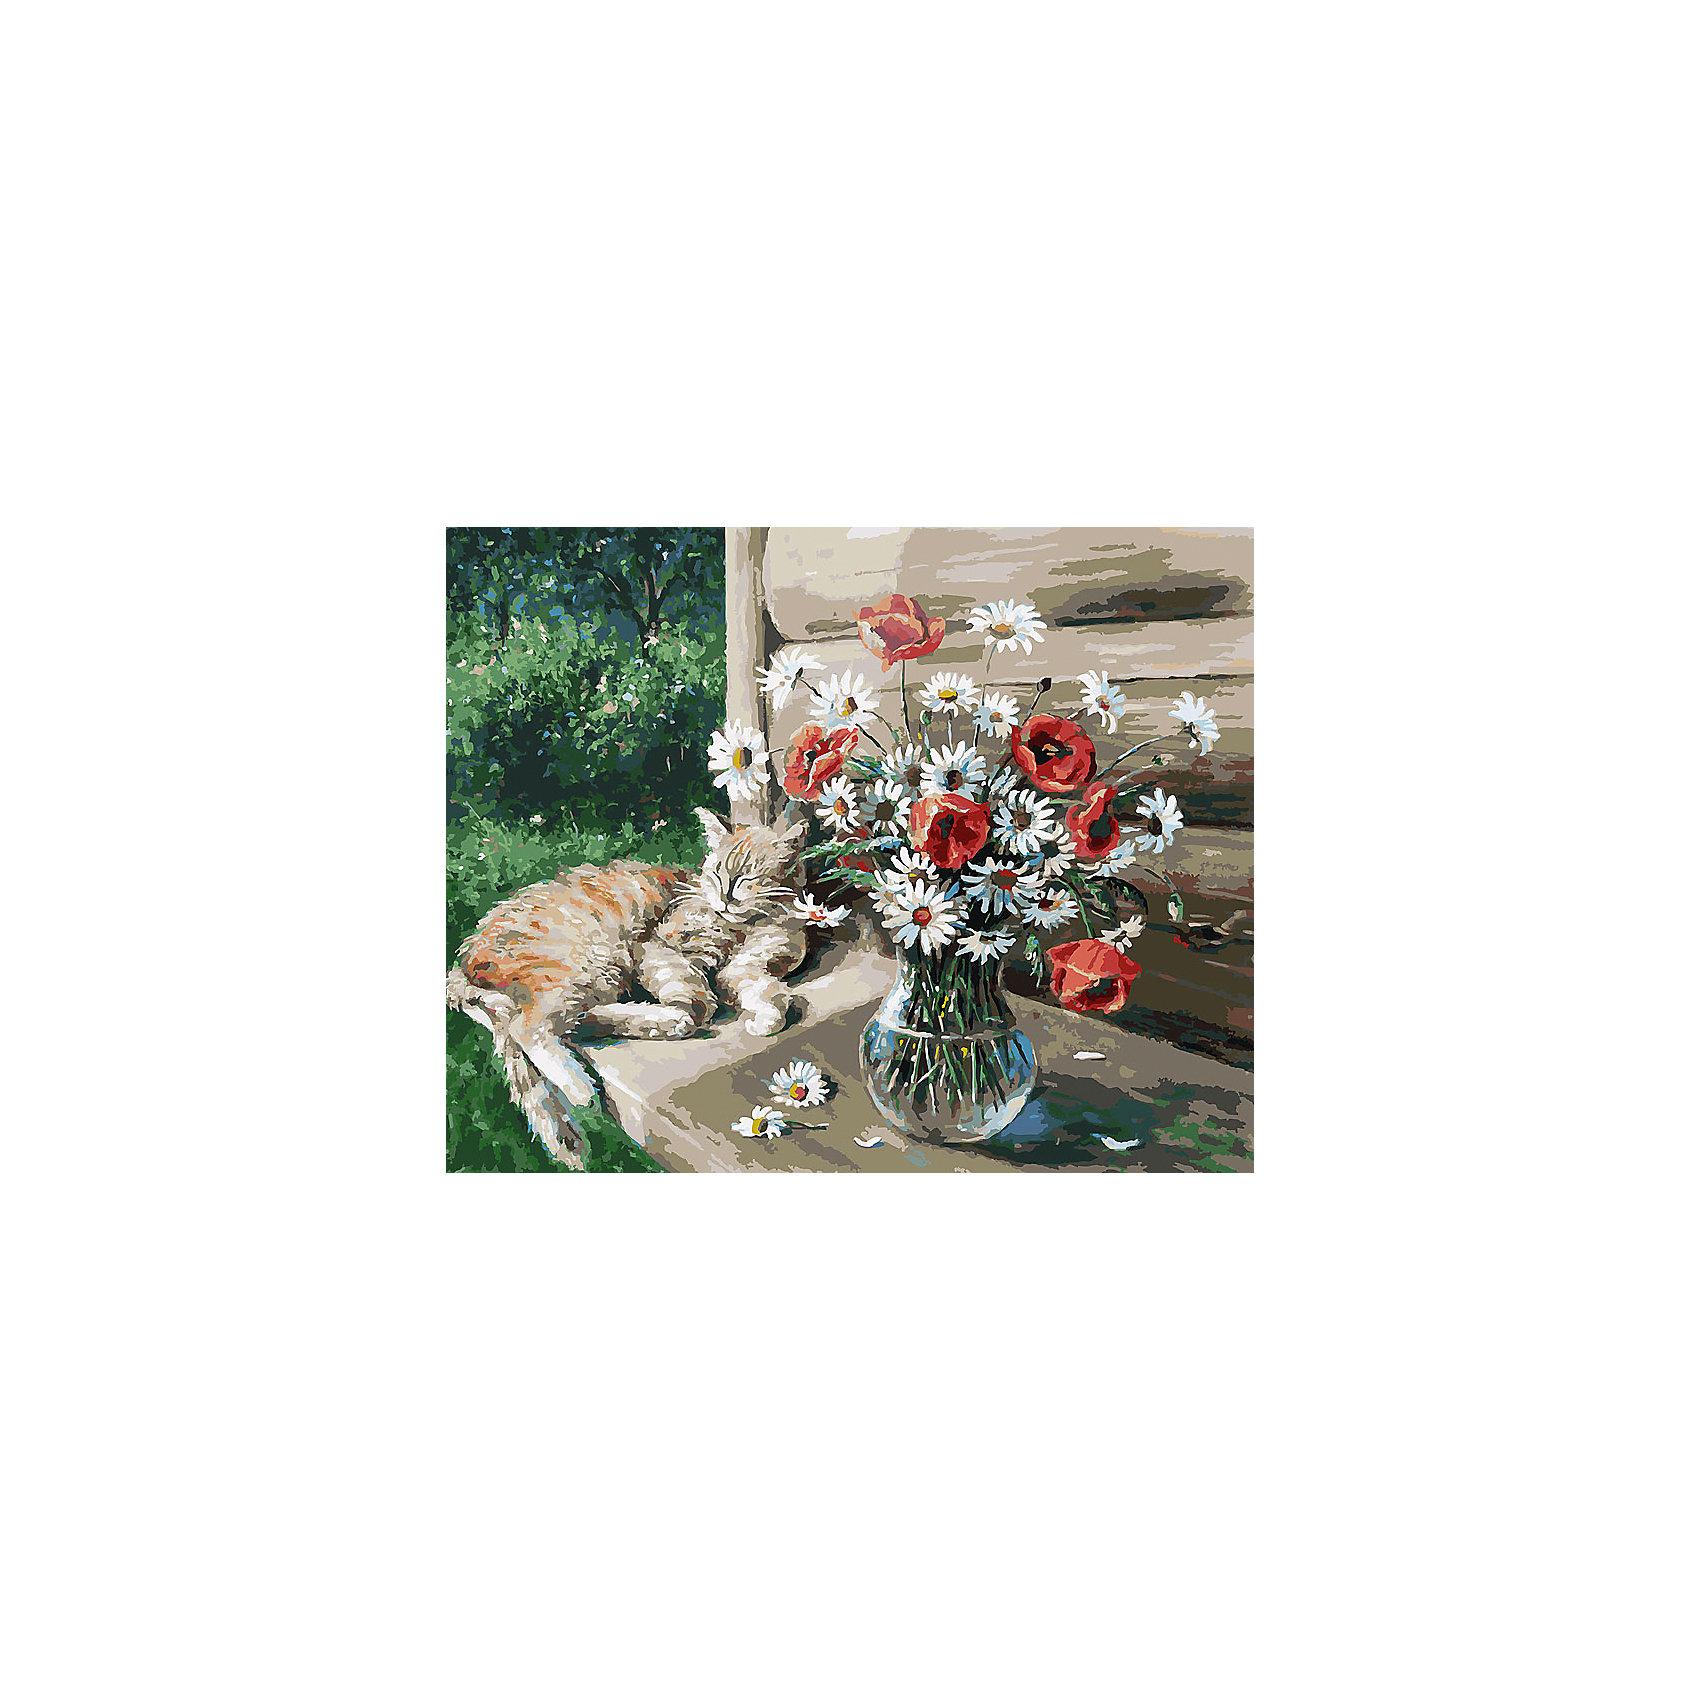 Живопись на холсте Дачная жизнь кота Василия, 40*50 смРаскраски по номерам<br>Живопись на холсте Дачная жизнь кота Василия, 40*50 см<br><br>Характеристики:<br><br>• Вес: 850<br>• Размер: 40х50<br>• Краски: акриловые, быстросохнущие<br>• Количество цветов: 40<br>• В наборе: холст на подрамнике, настенное крепление, контрольный лист с рисунком, 40 красок, 3 кисти<br><br>Данный набор позволит любому человеку ощутить себя профессиональным художником. В комплект входит холст с нанесенным на него рисунком по номерам, акриловые краски на водной основе, специальный контрольный лист, предотвращающий ошибки и 3 удобные кисти разных размеров. <br><br>Рисовать на холсте очень удобно, а благодаря номерам на картине и баночках с краской - это совсем просто. Цвета ложатся ровным слоем, перекрывая нанесенный рисунок. Если вы боитесь, что где-то ошиблись – приложите контрольный лист, который полностью повторяет схему. Акриловые краски совершенно безопасны и не имеют запаха. А благодаря настенному креплению вы сможете повесить готовую работу.<br><br>Живопись на холсте Дачная жизнь кота Василия, 40*50 см можно купить в нашем интернет-магазине.<br><br>Ширина мм: 510<br>Глубина мм: 410<br>Высота мм: 250<br>Вес г: 850<br>Возраст от месяцев: 72<br>Возраст до месяцев: 2147483647<br>Пол: Унисекс<br>Возраст: Детский<br>SKU: 5500408